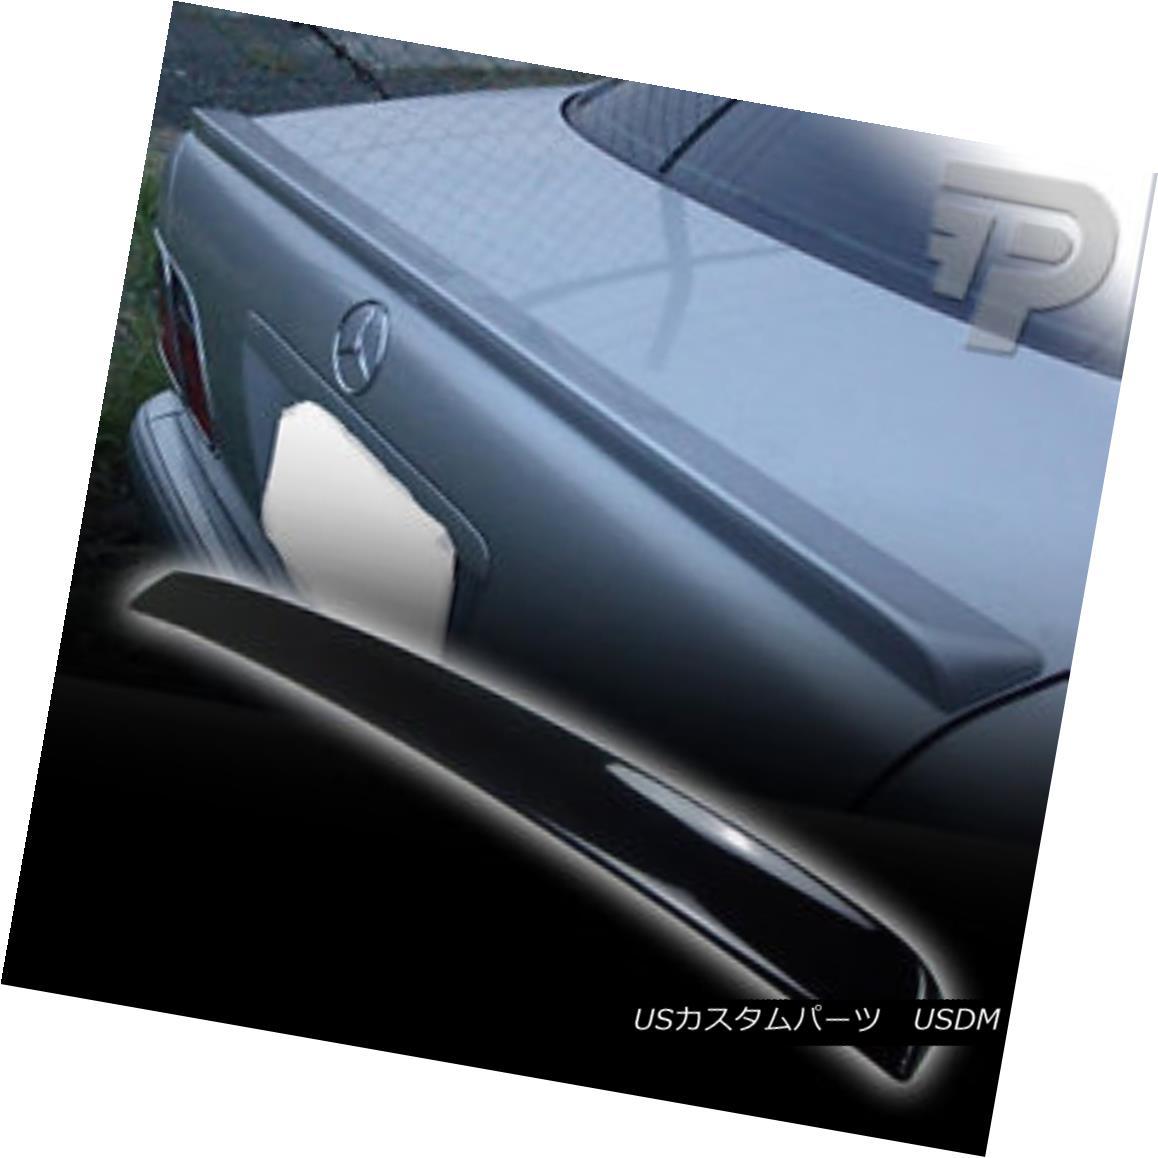 エアロパーツ PAINTED Mercedes BENZ W210 TRUNK REAR SPOILER BOOT SEDAN 95-01 #197 BLACK 塗装されたメルセデスベンツW210 TRUNKリアスポイラーブーツセダン95-01#197ブラック